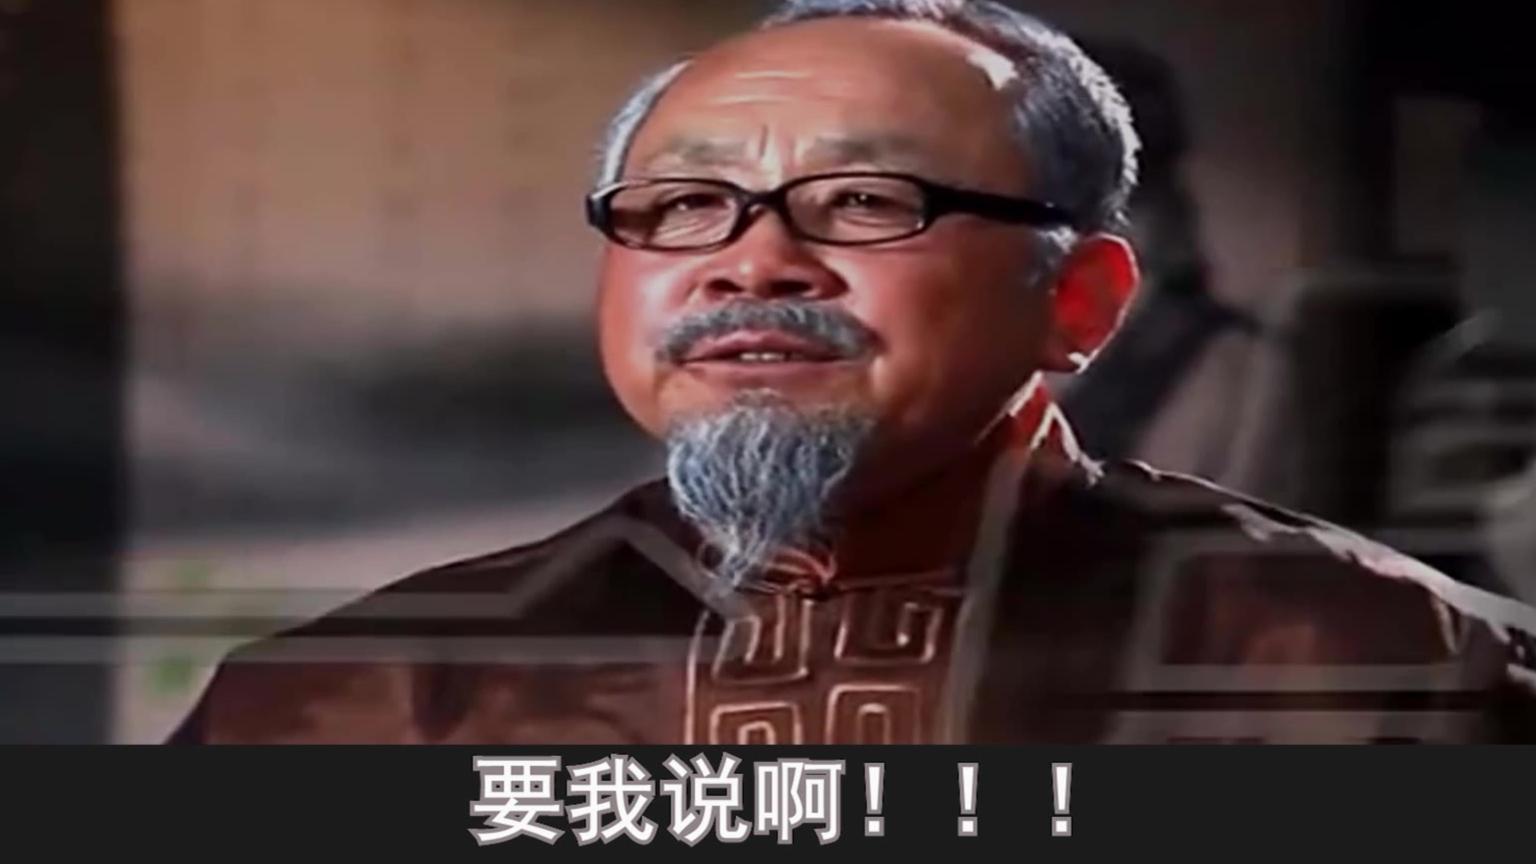 【神医rap】命根子疼!